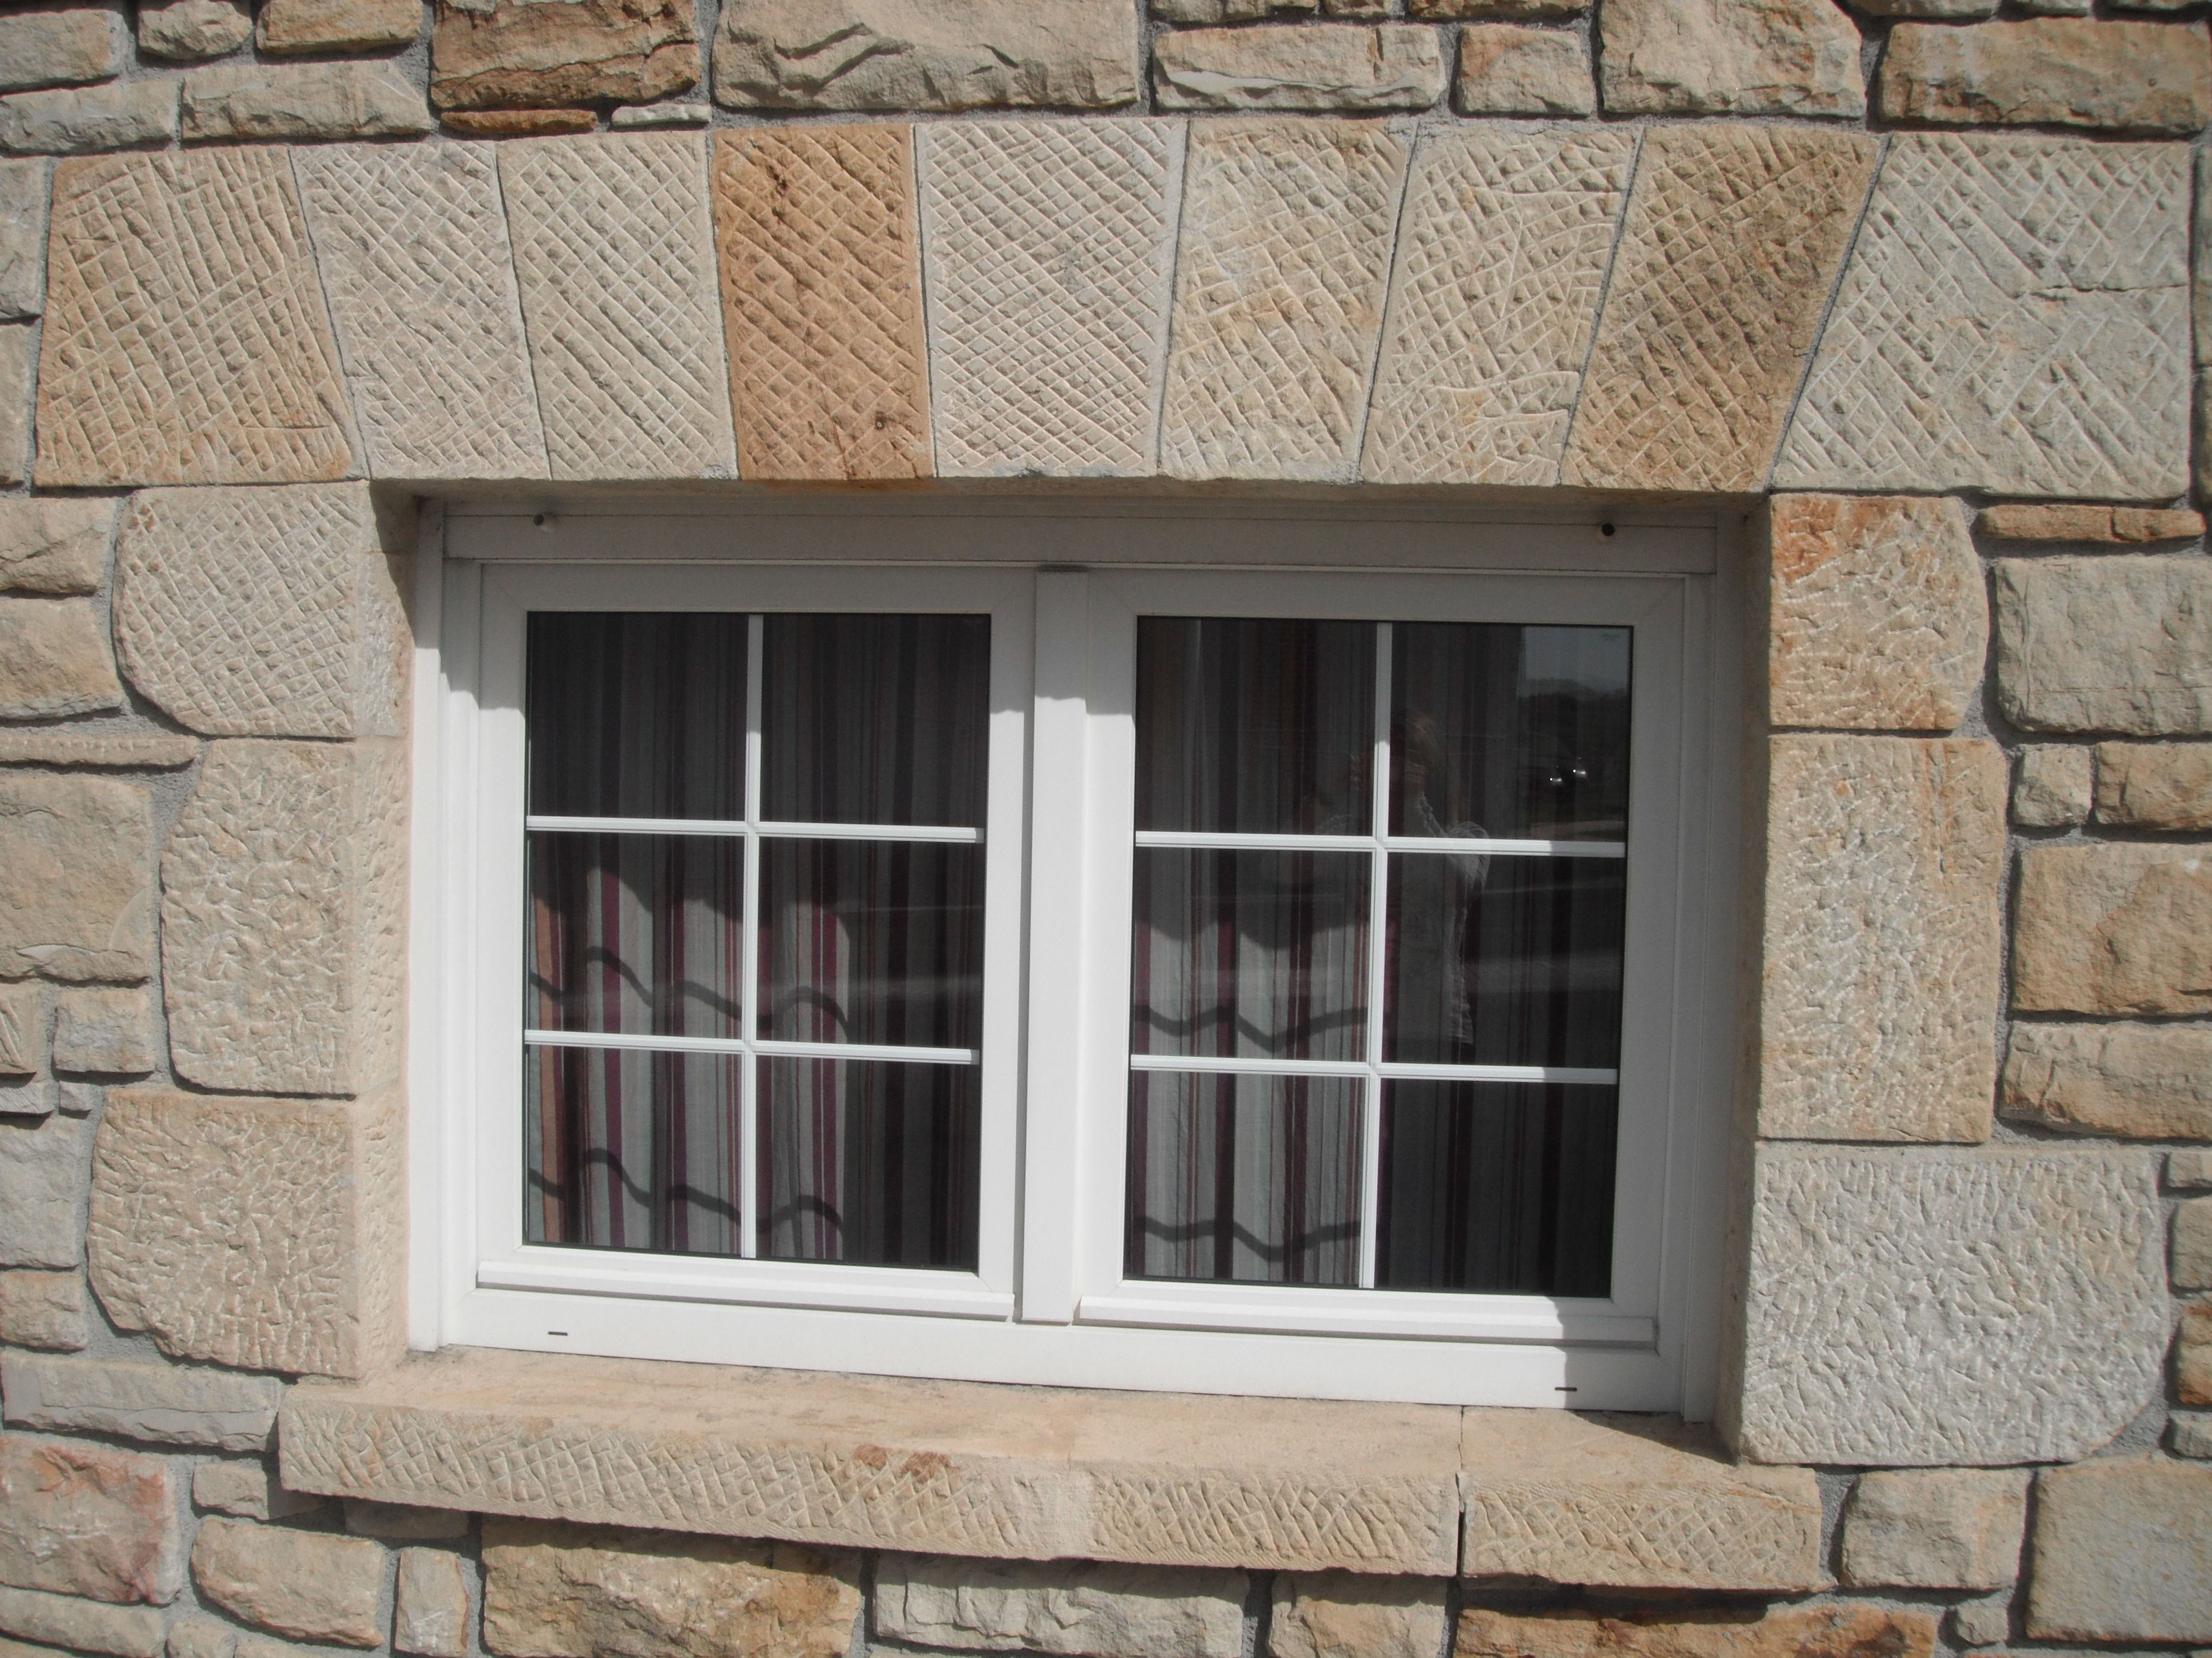 piedra natural detalle arco de entrada detalles ventana